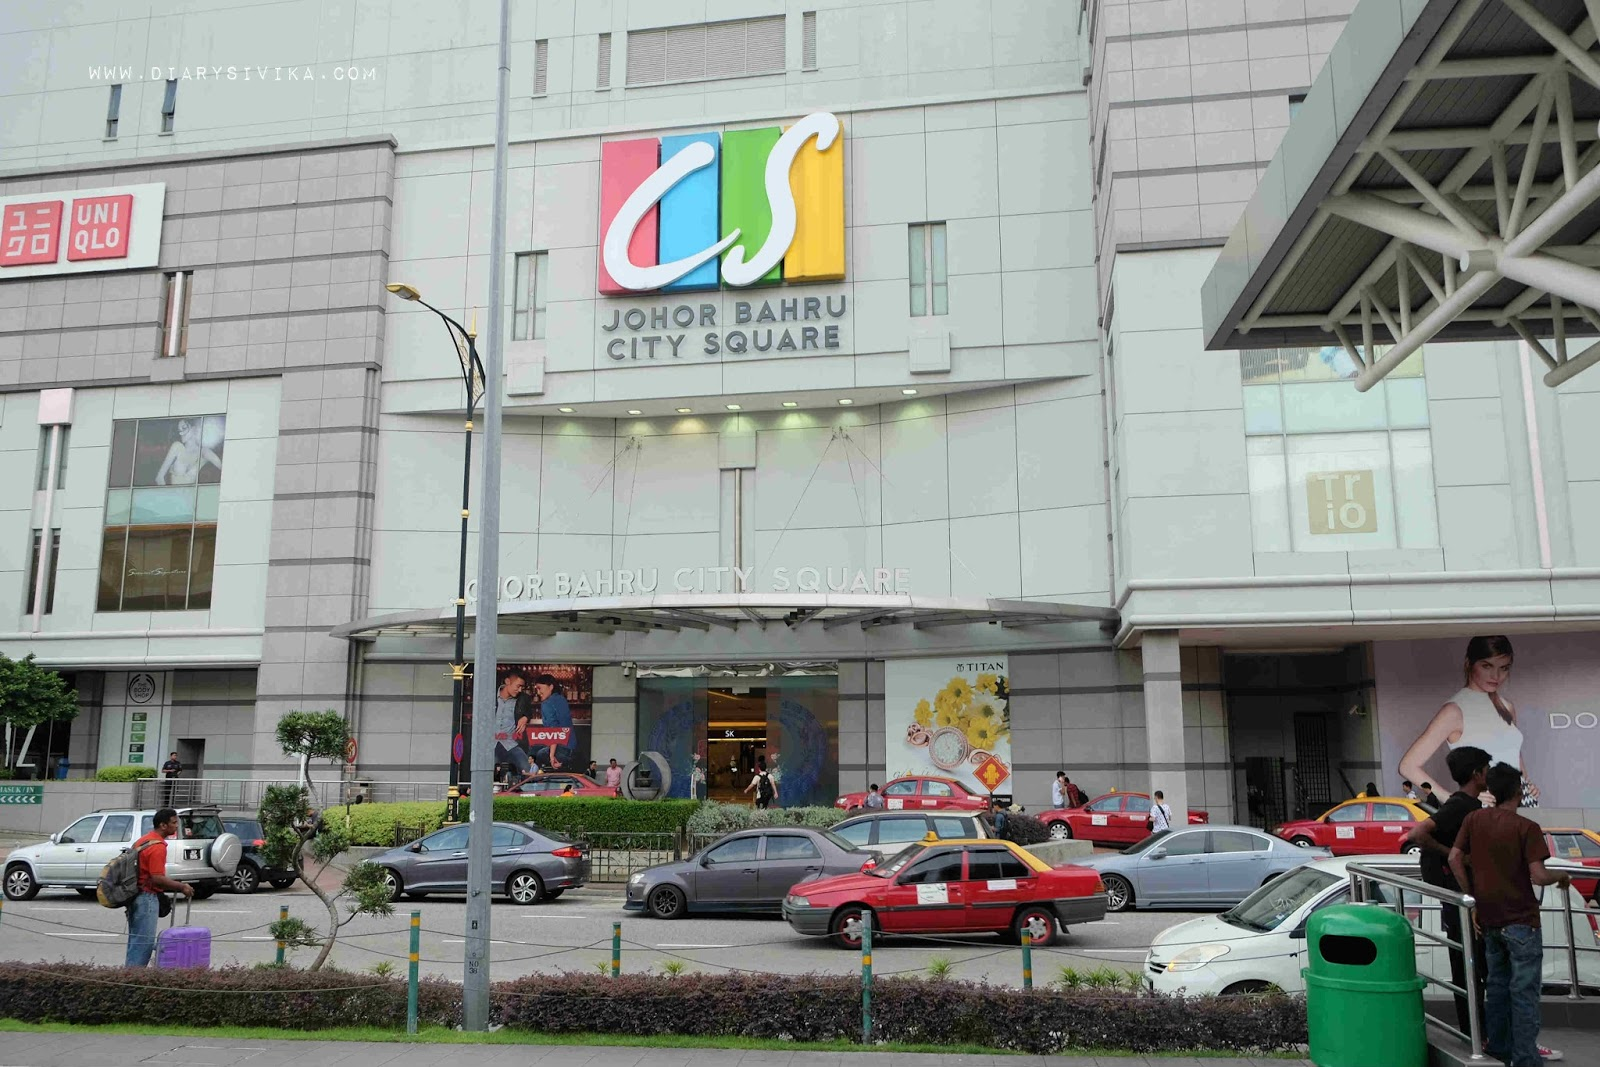 hipster%2Bstreet%2B3 - Tempat Shopping Murah di Johor Bahru Yang Menjadi Favorit